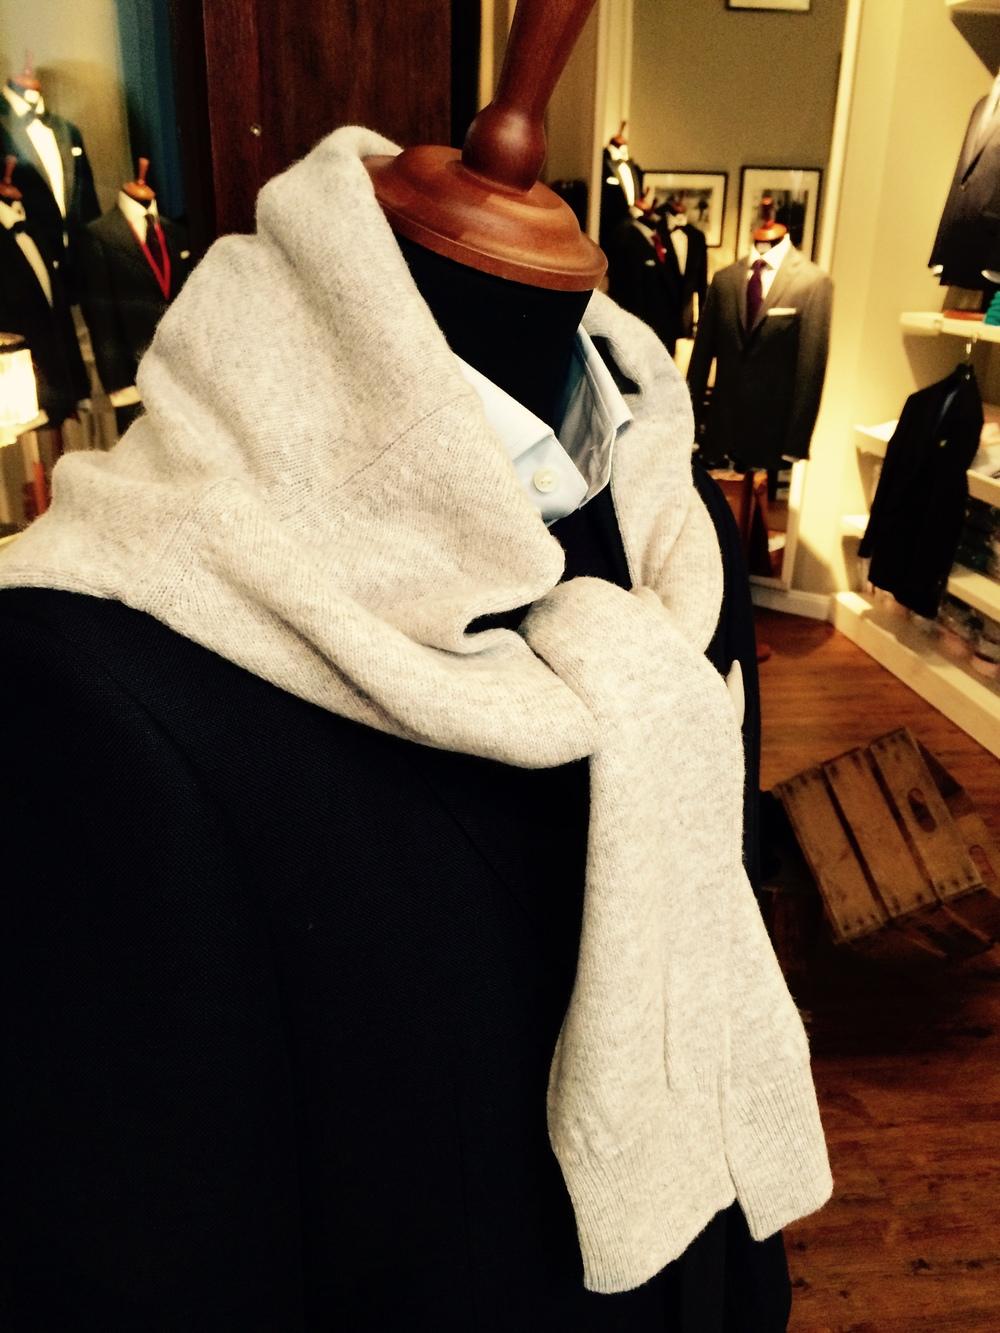 Lambswool Rundhals-Pullover aus Schottland. Neben blau jetzt auch in grau. 95 €